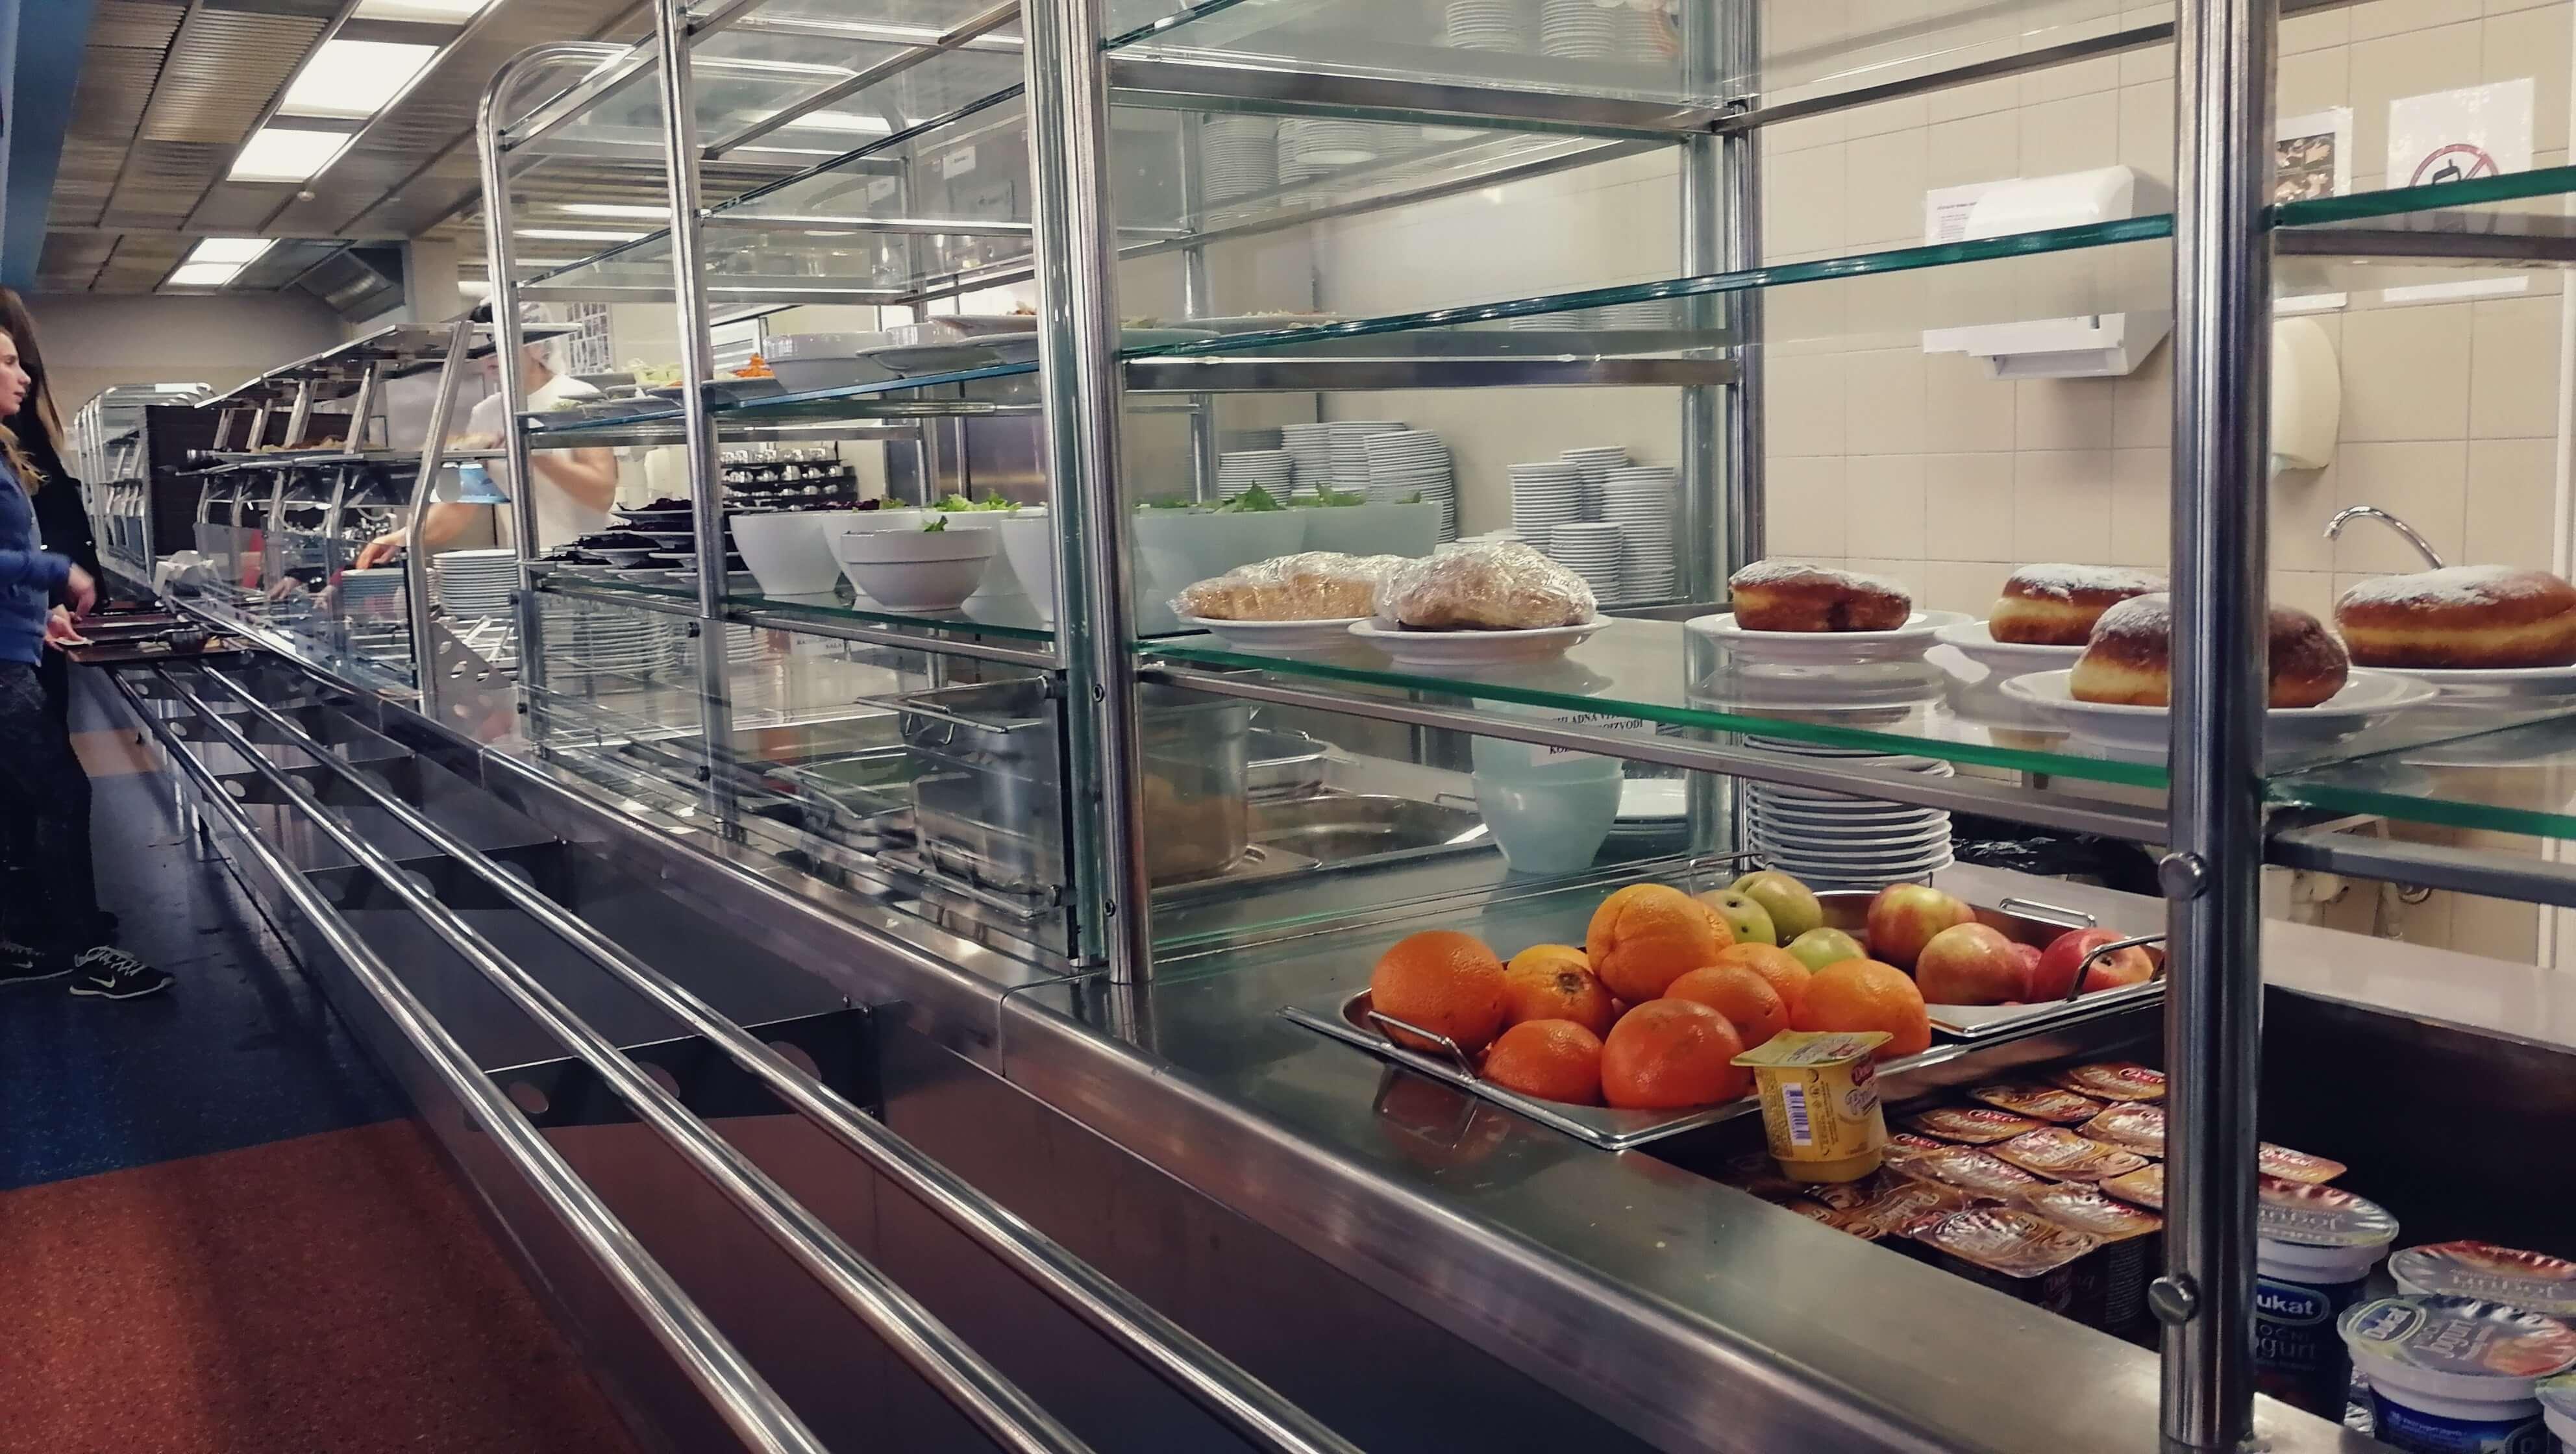 Mijenja se pravilnik o studentskoj prehrani: MZO kaže da je većina studenata spremna platiti više za zdravija jela